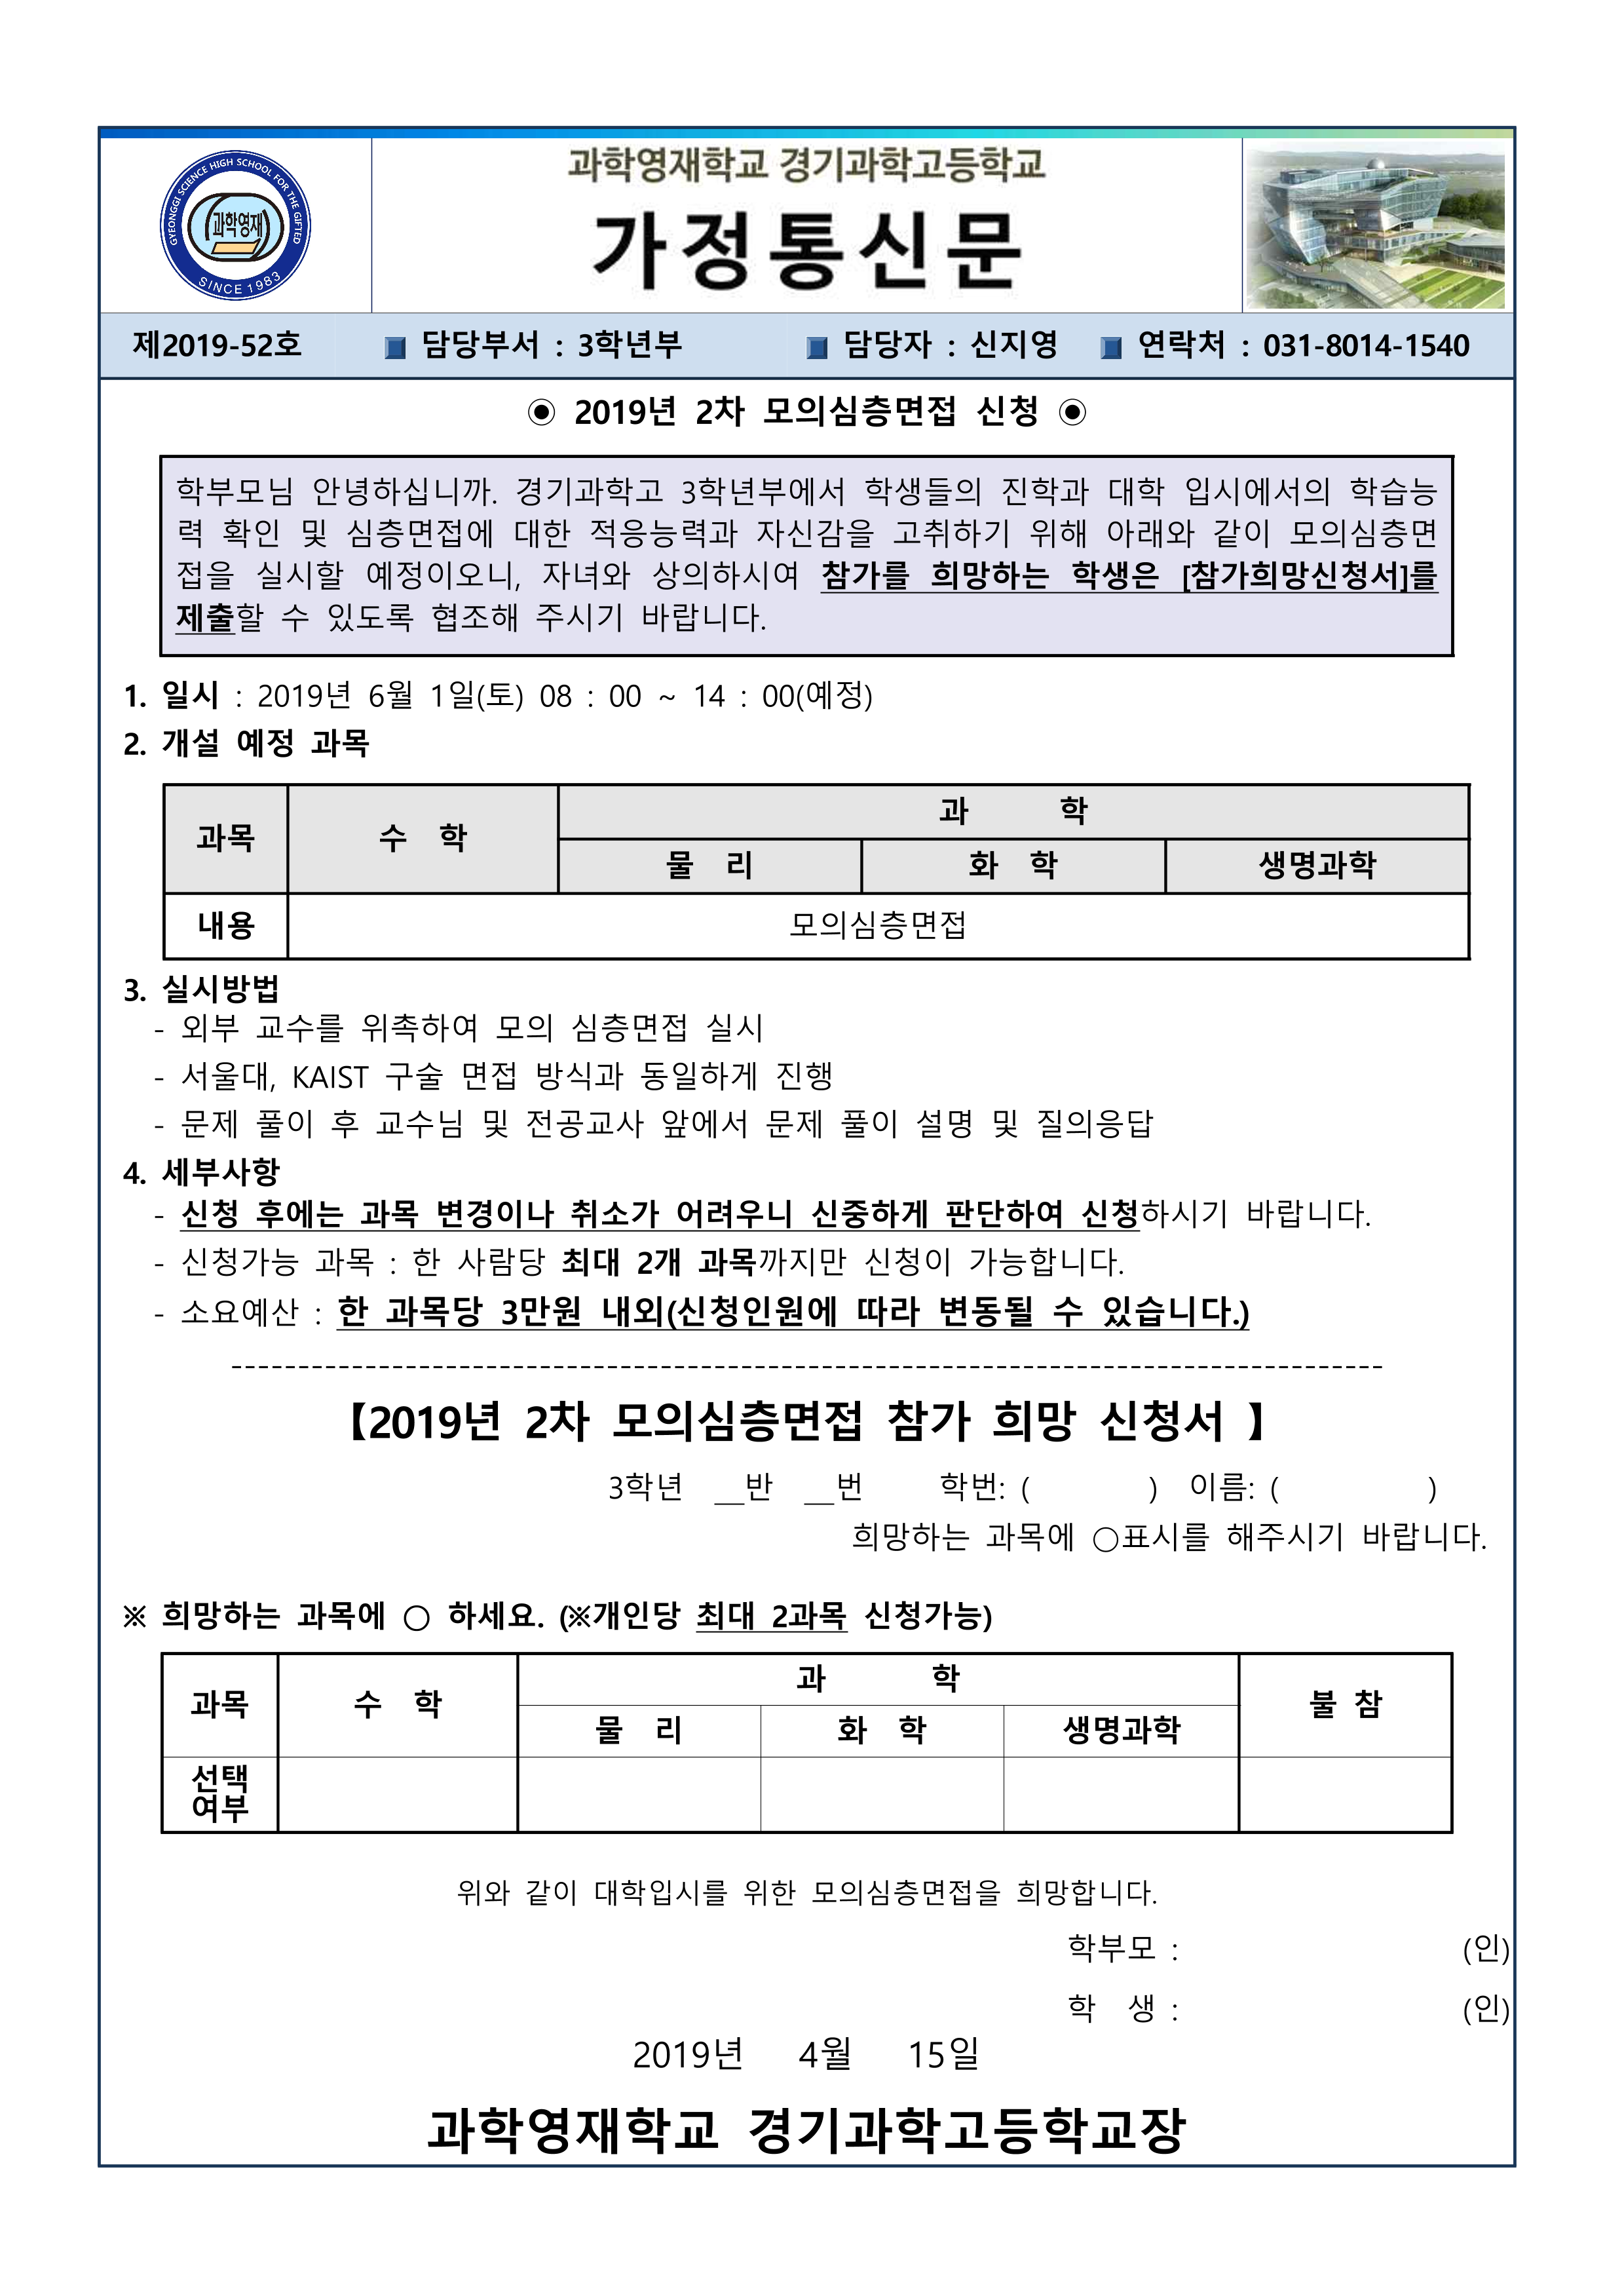 2019년 2차 모의심층면접 신청 0Page.